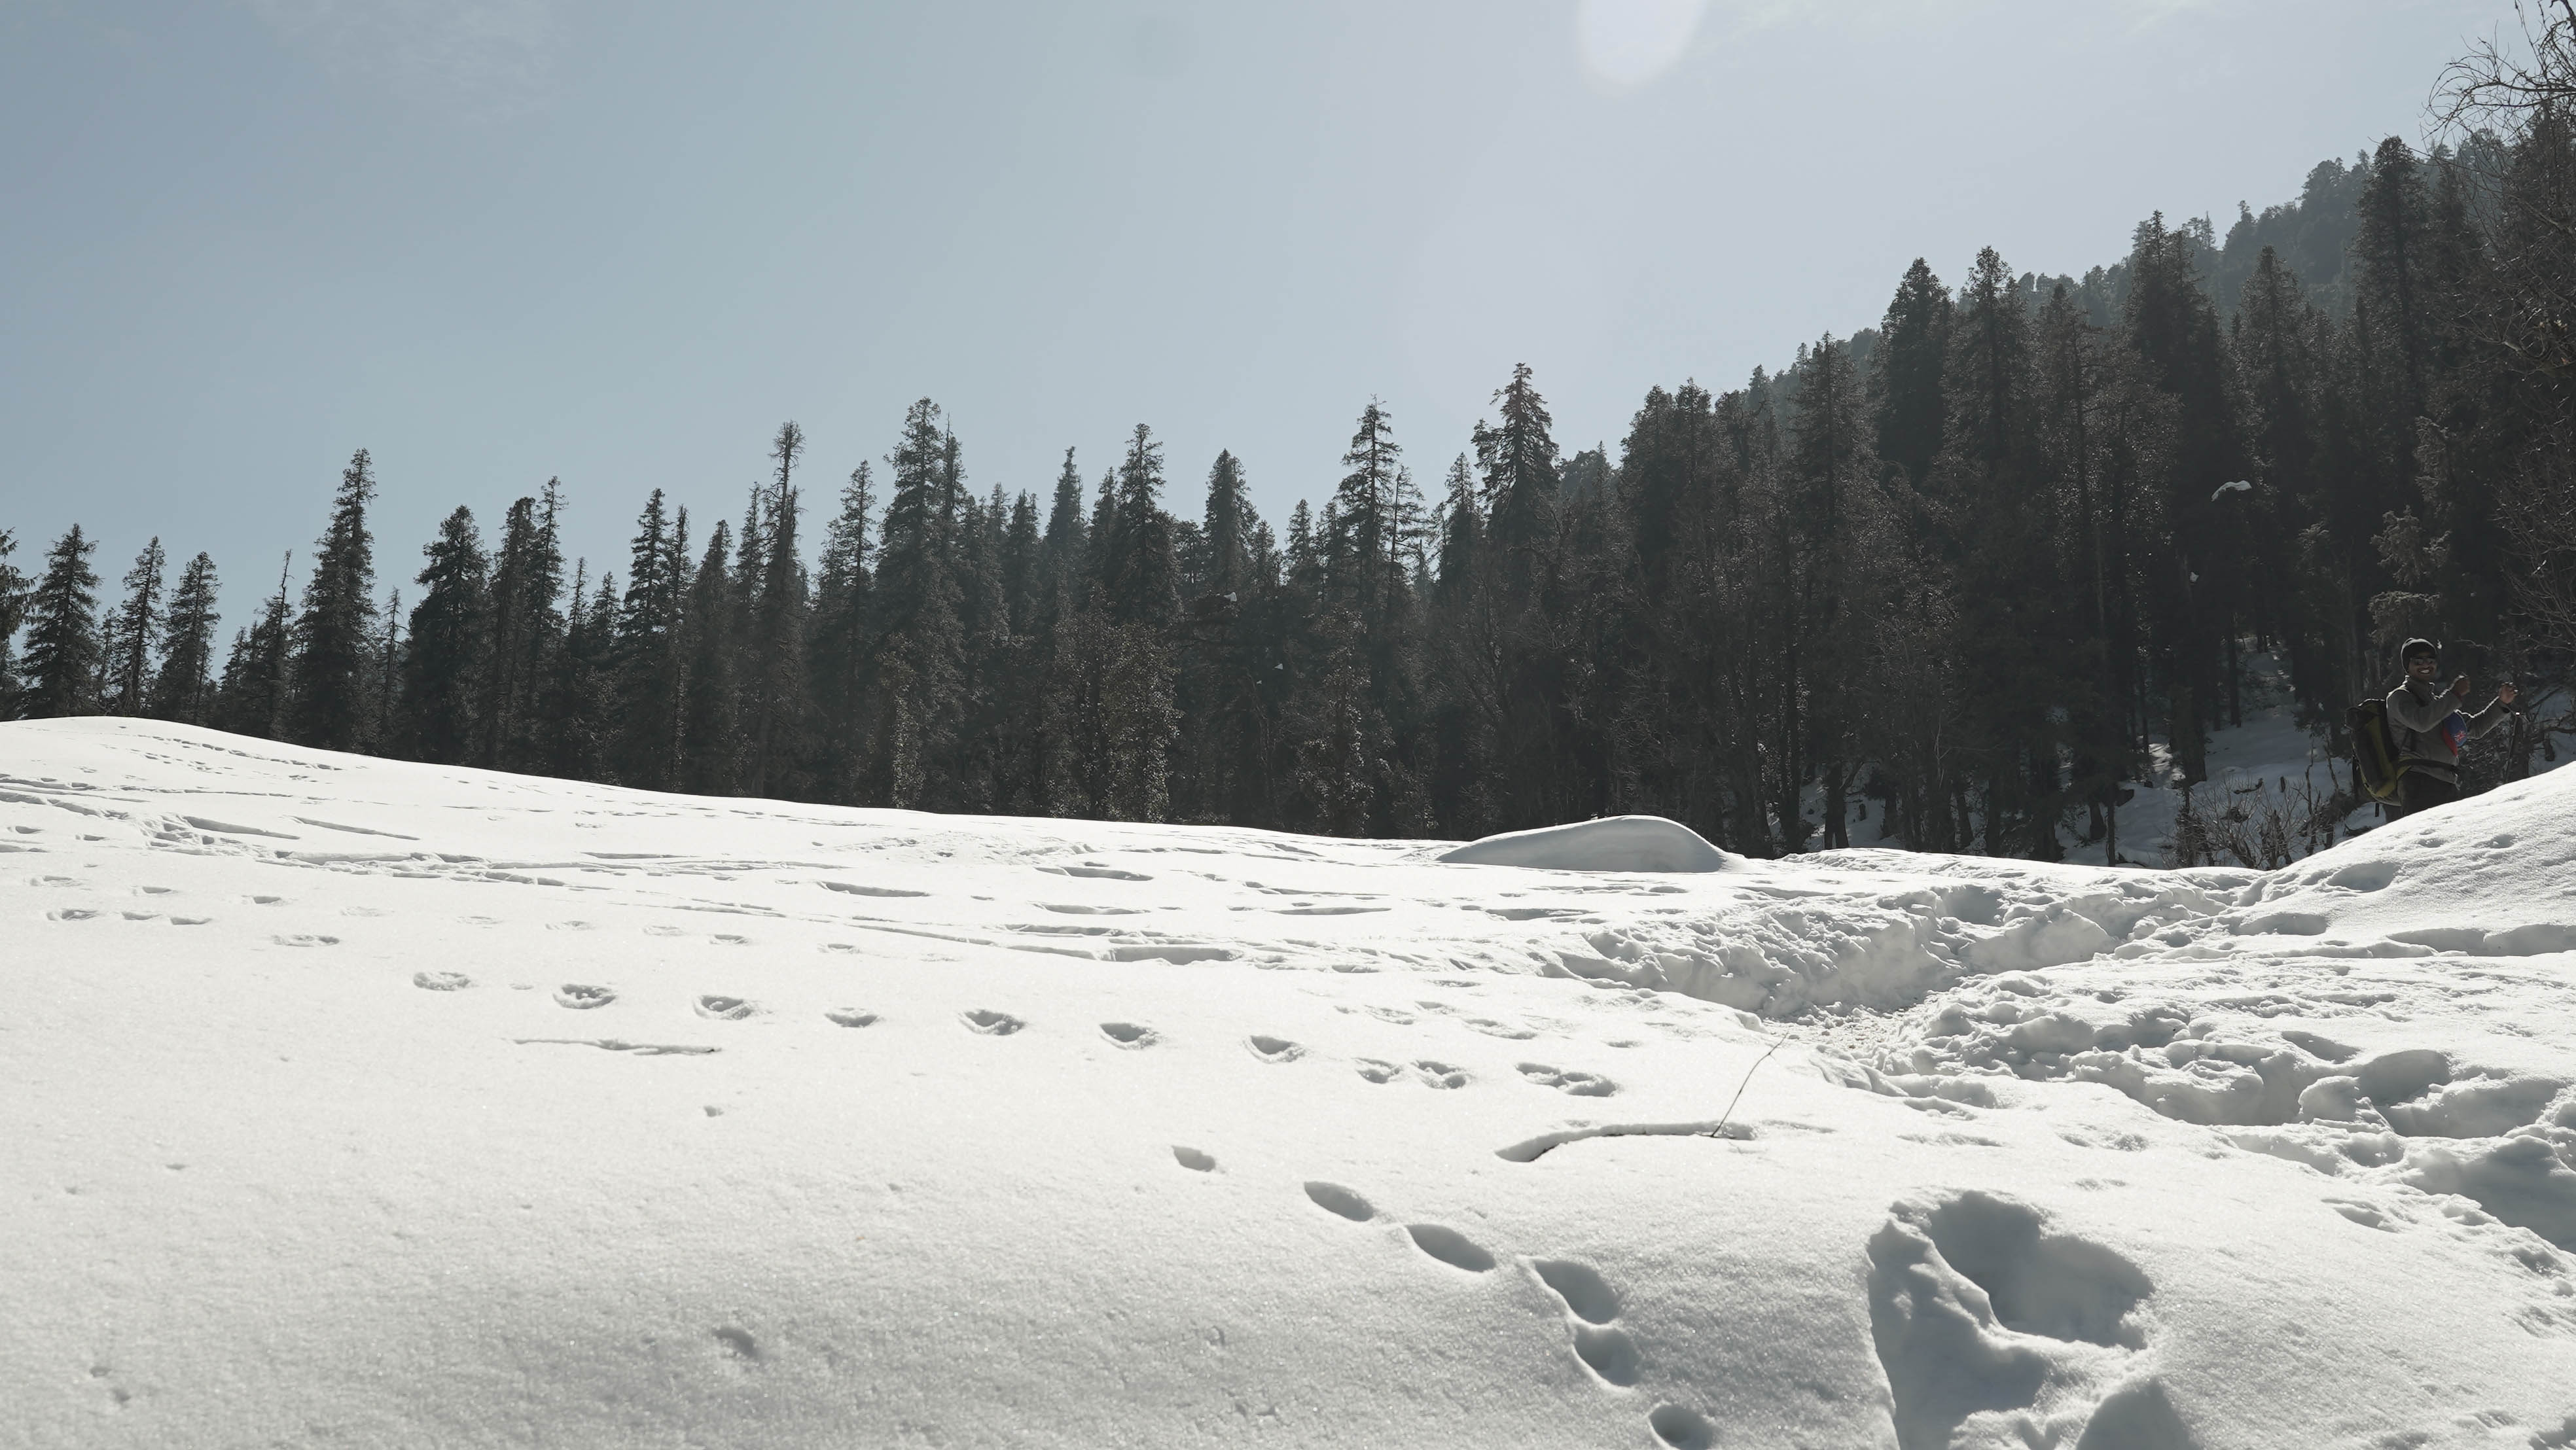 dayara bugyal covered in snow